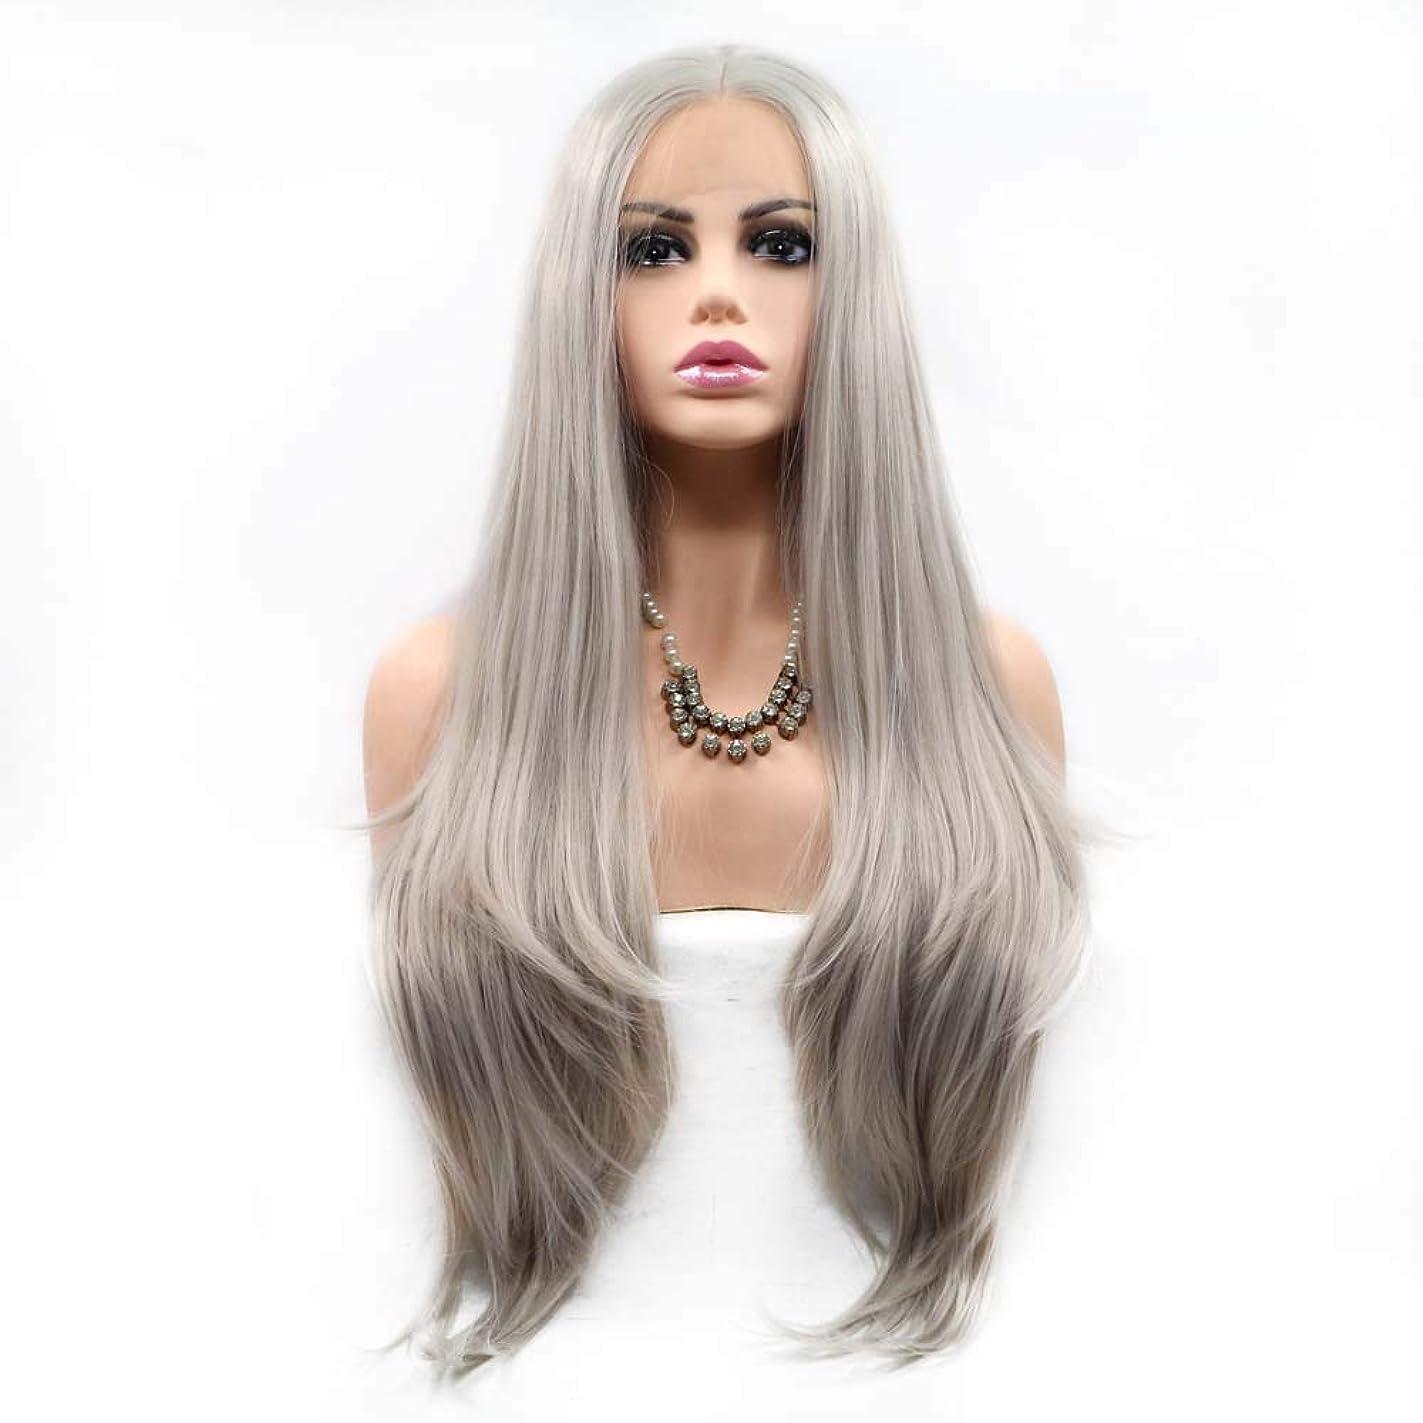 何かピンポイントキャプチャーZXF 長い髪の高温シルク ローズイントラネットの女性のかつらのフロントレースグレー 美しい